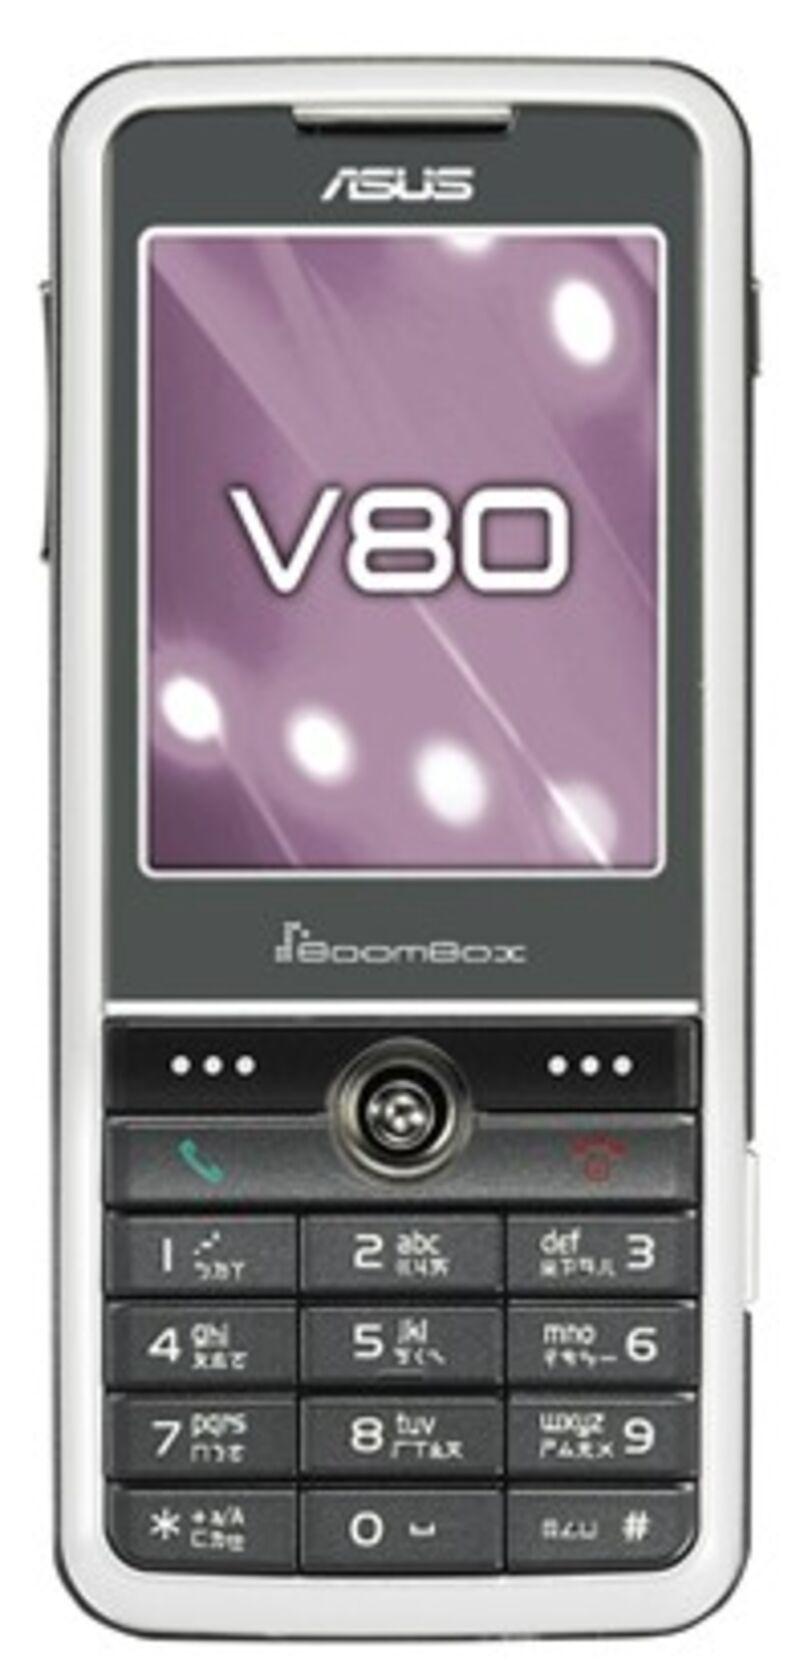 Asus V80